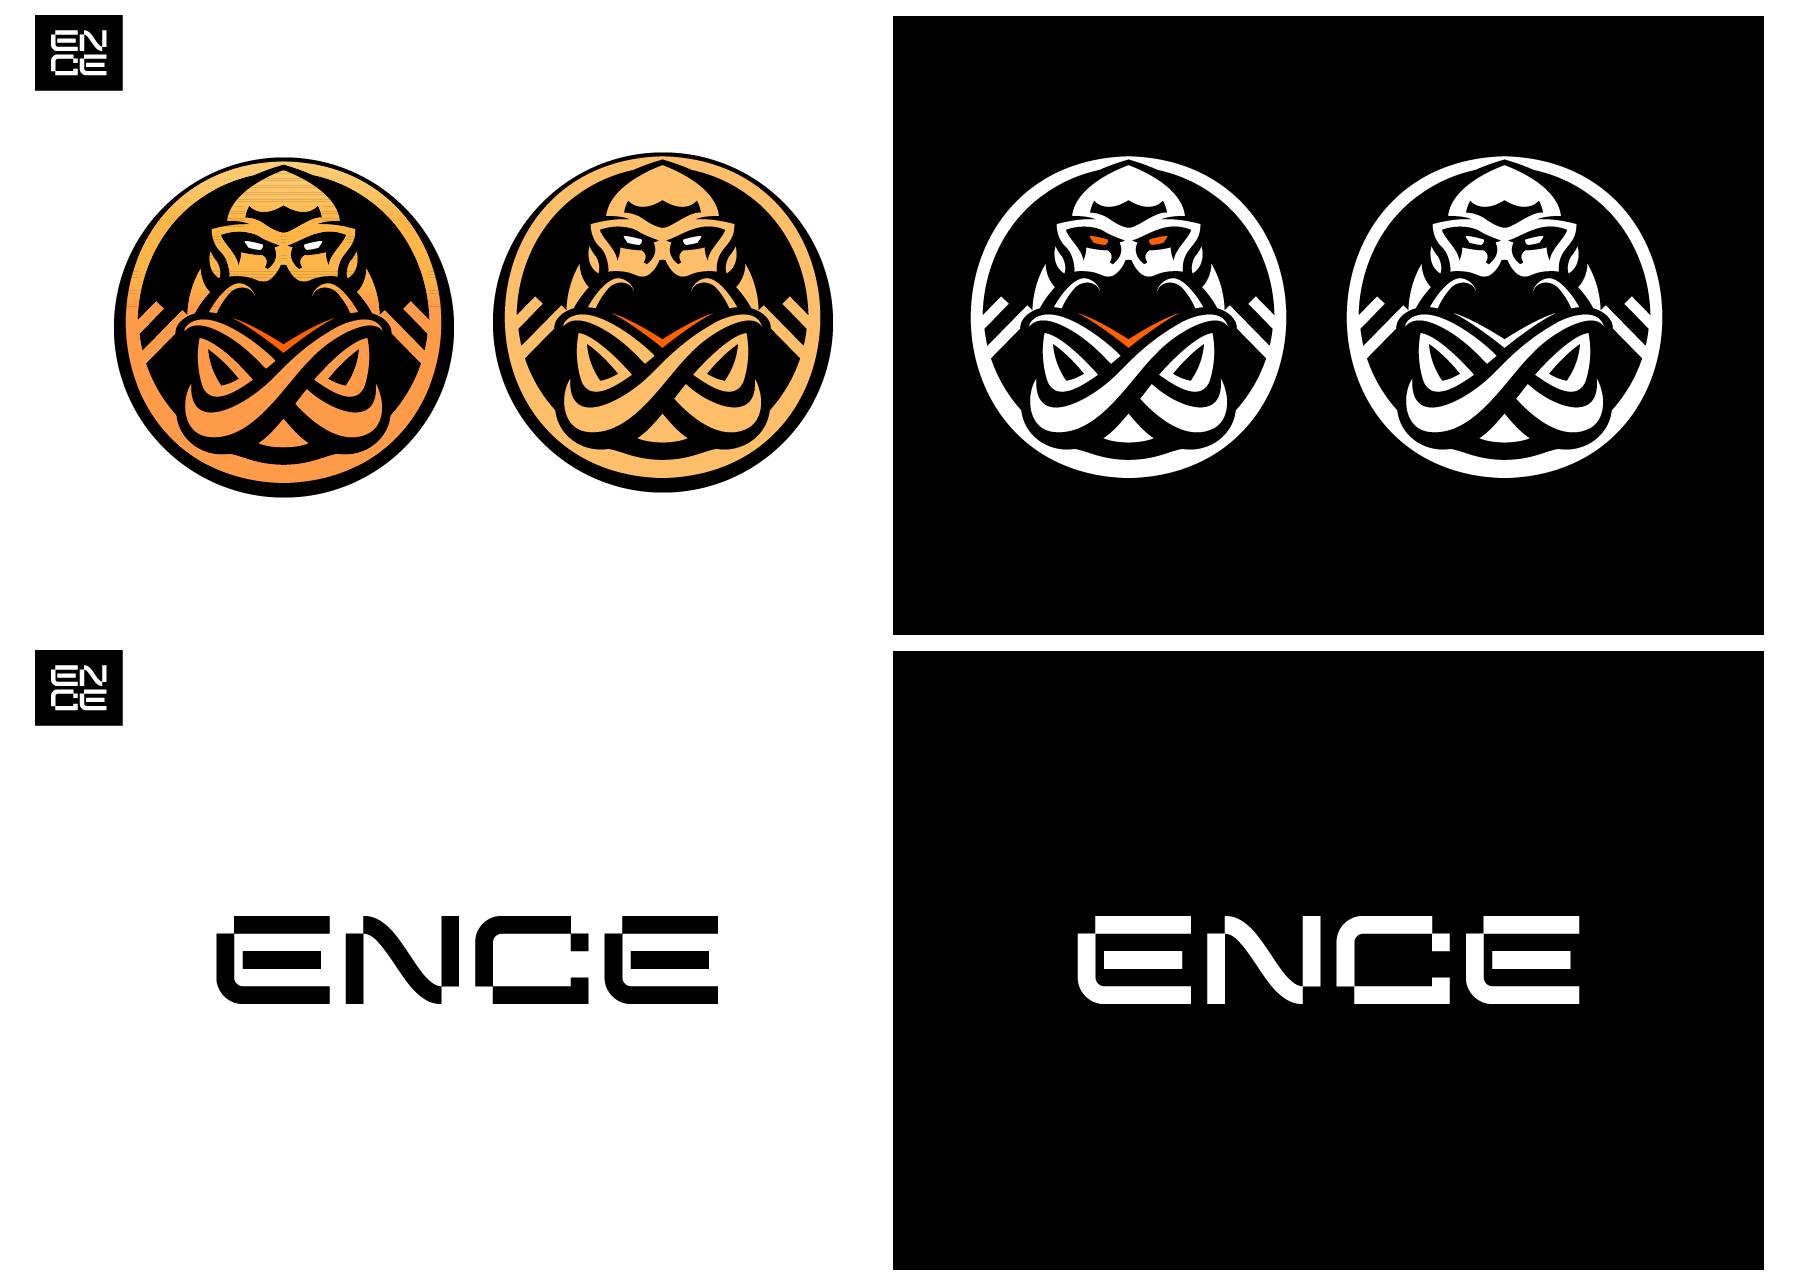 Väreiltään ja muodoiltaan uudistettu Enkelados-logo ja aukikirjoitettu logo.